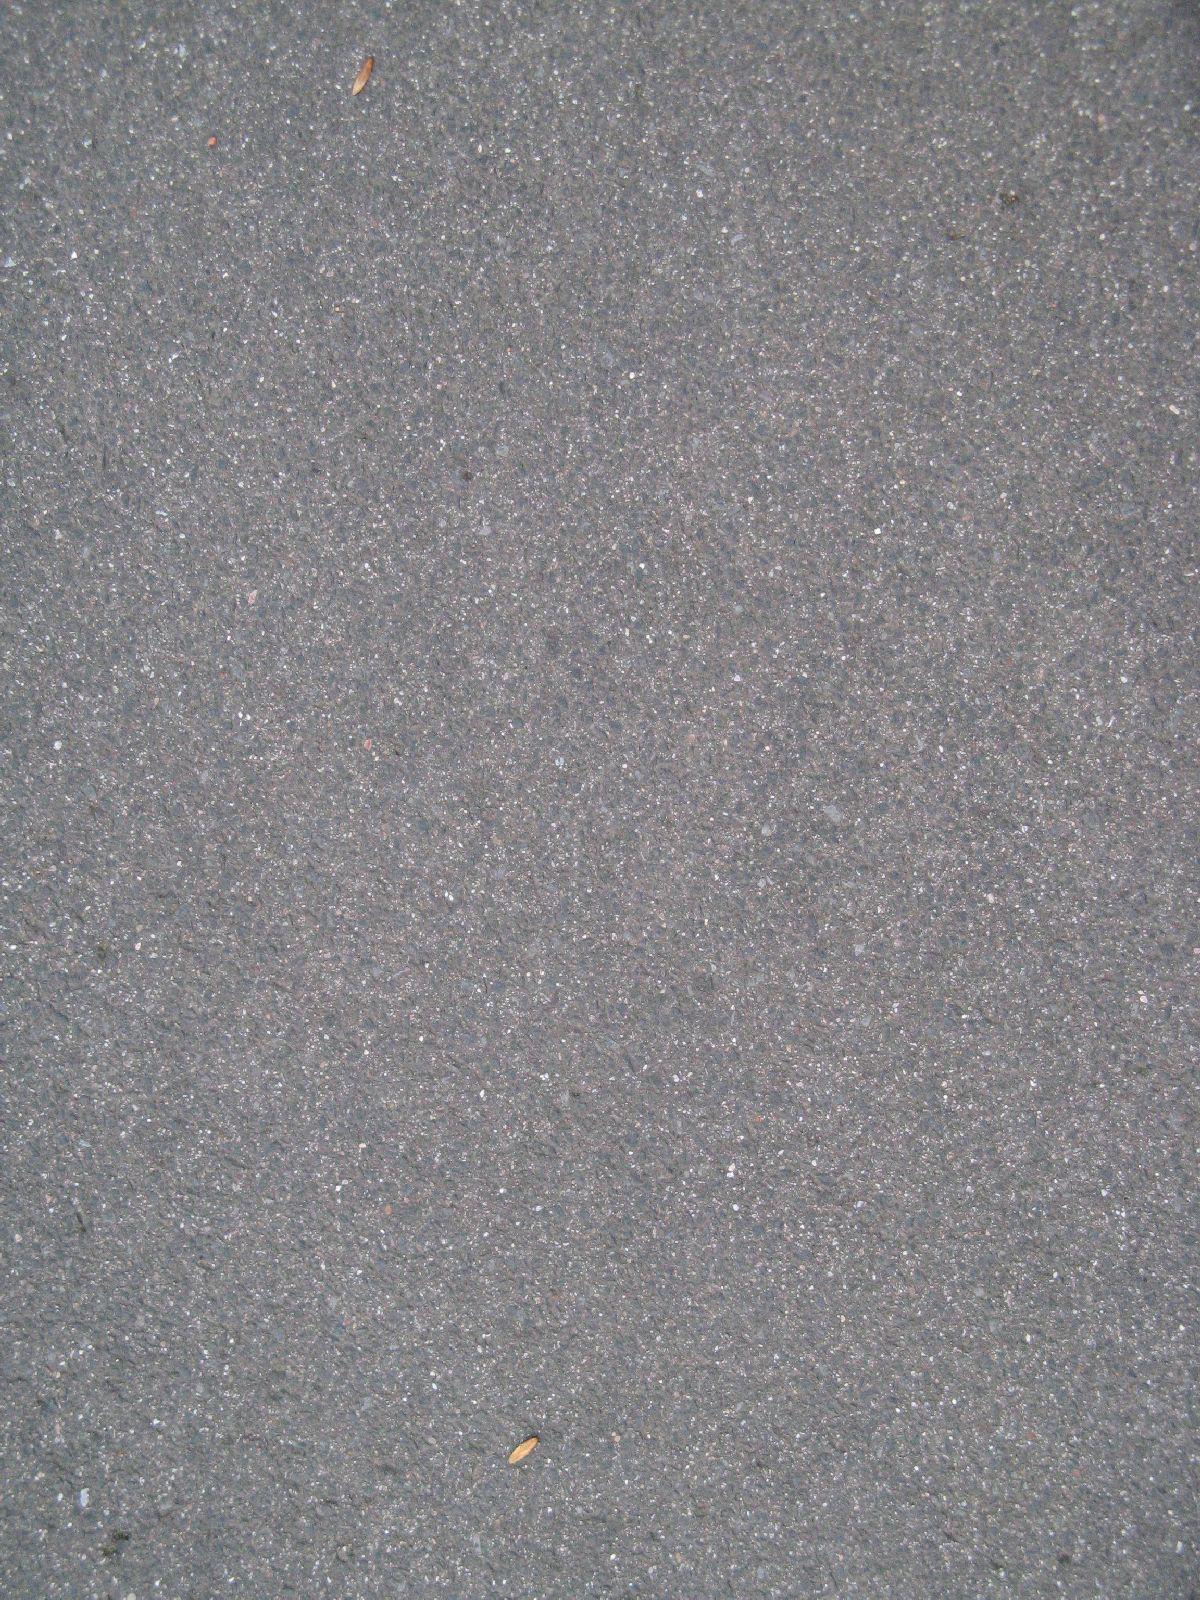 Boden-Gehweg-Strasse-Buergersteig-Textur_B_02823